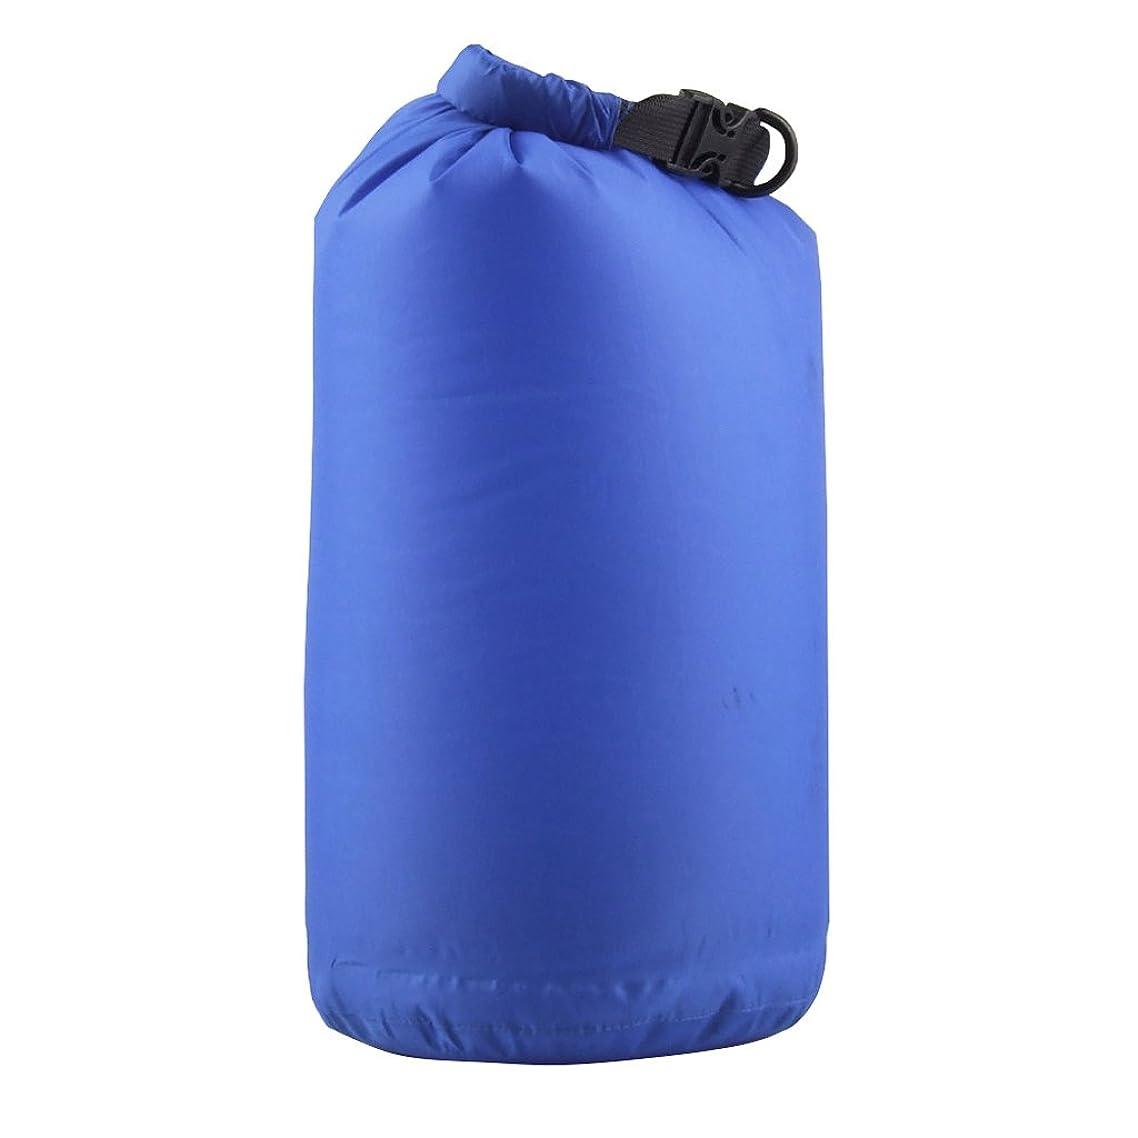 第アンペア引退するキャンプのための12lの防水ロールのトップ圧縮袋乾燥袋青